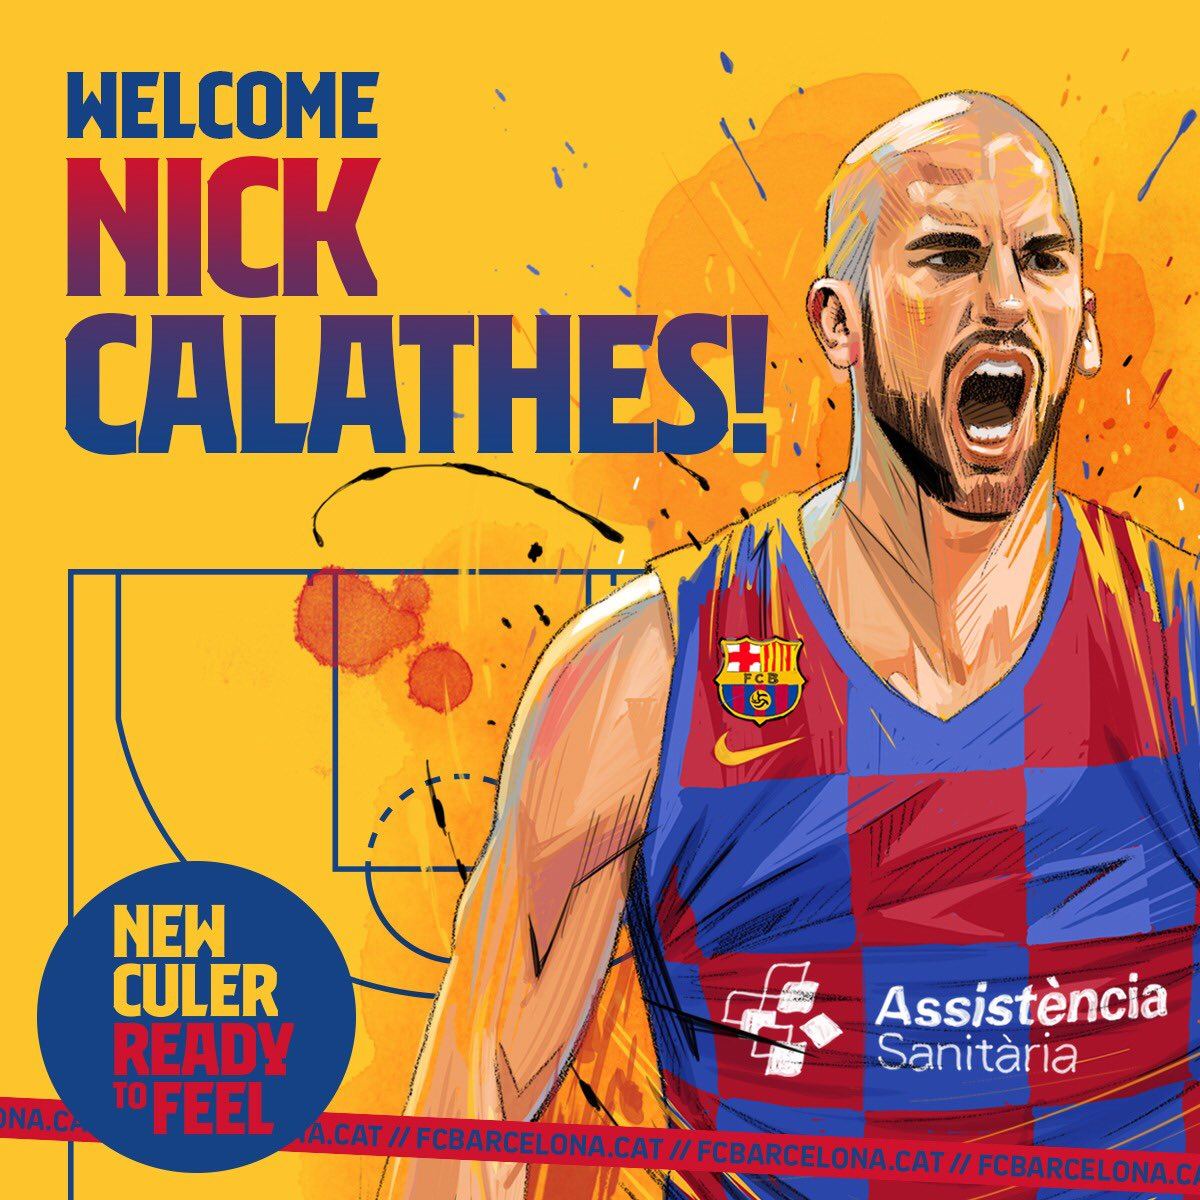 Nick Calathes è un nuovo giocatore del Barcelona, superate le visite mediche